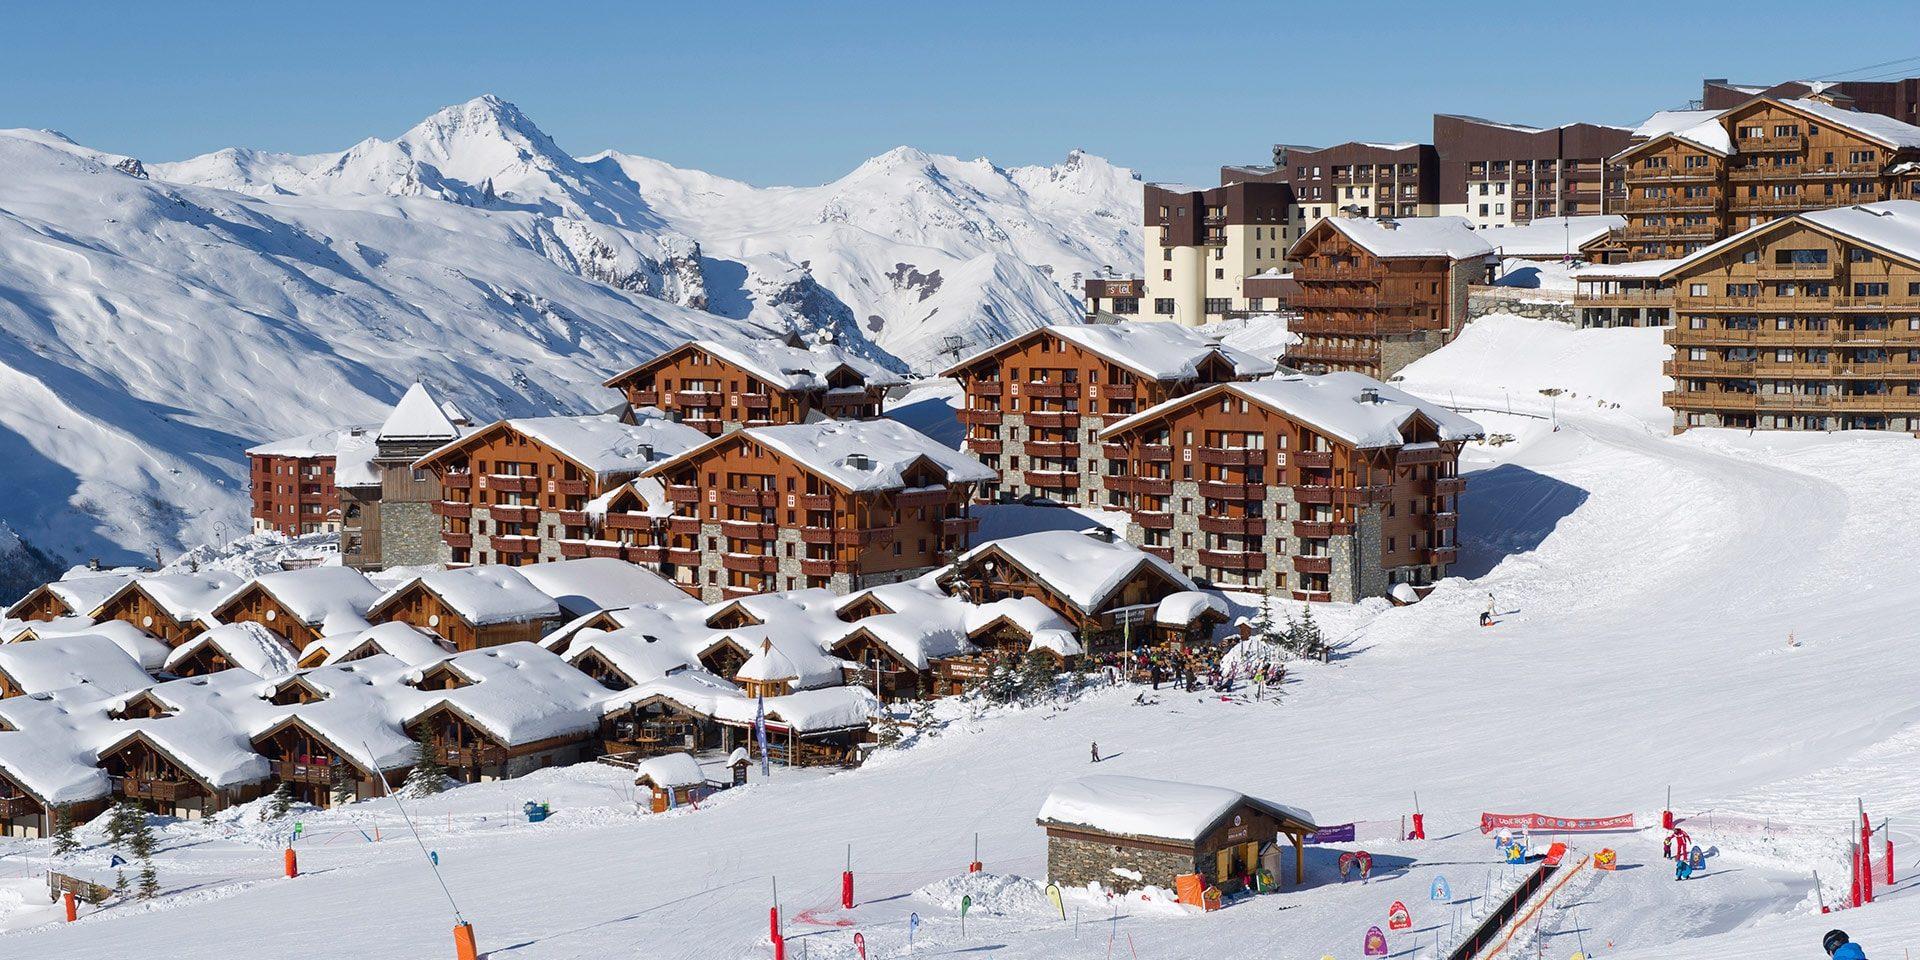 Les Menuires Les 3 Vallees Frankrijk wintersport skivakantie luxe skien piste dorp bergen sneeuw